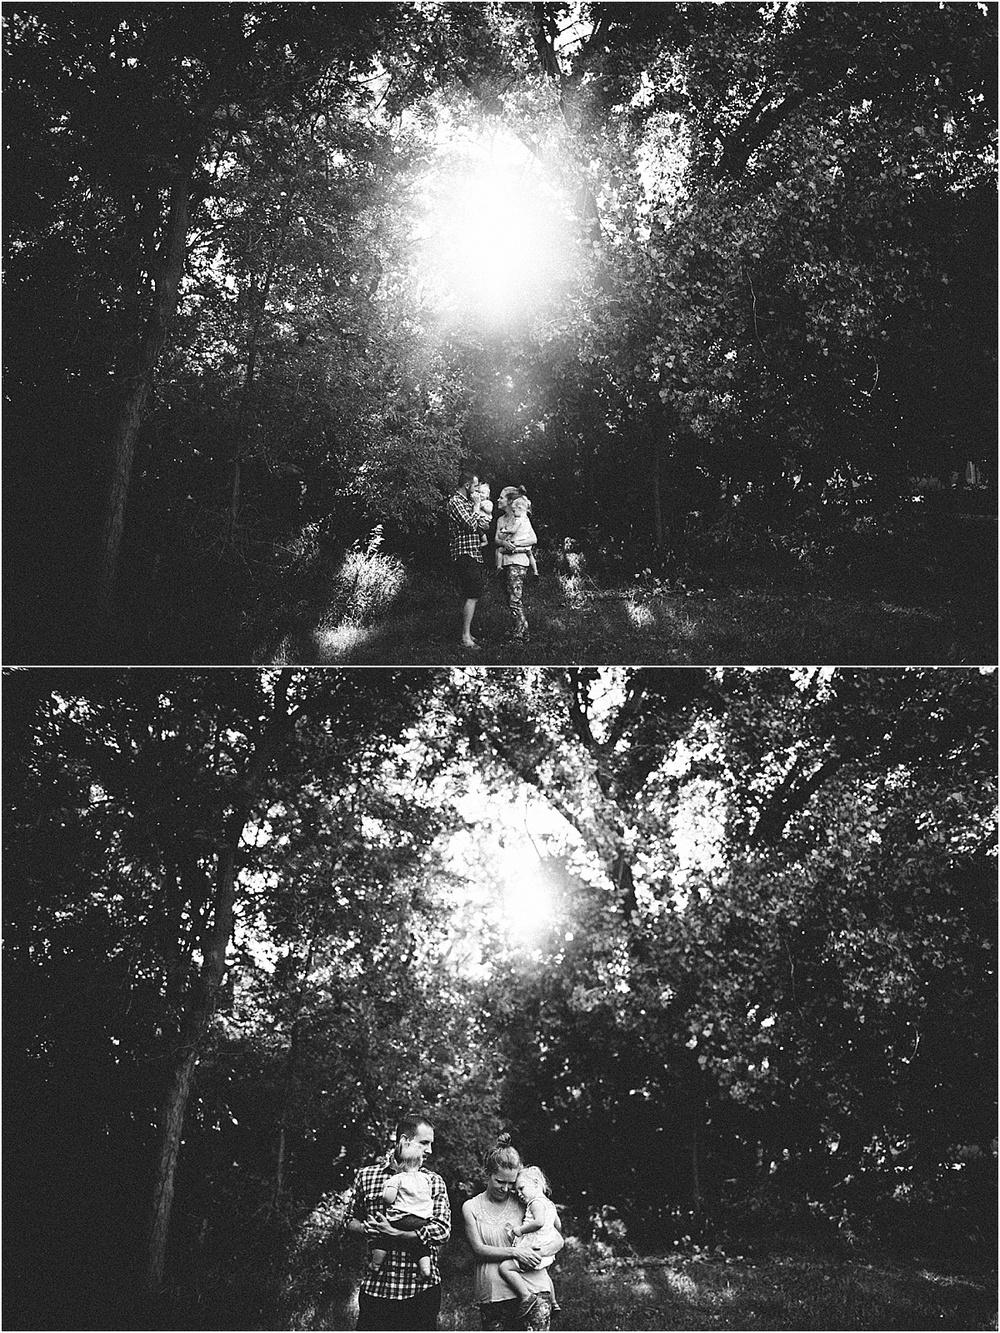 2014-09-08_0038.jpg